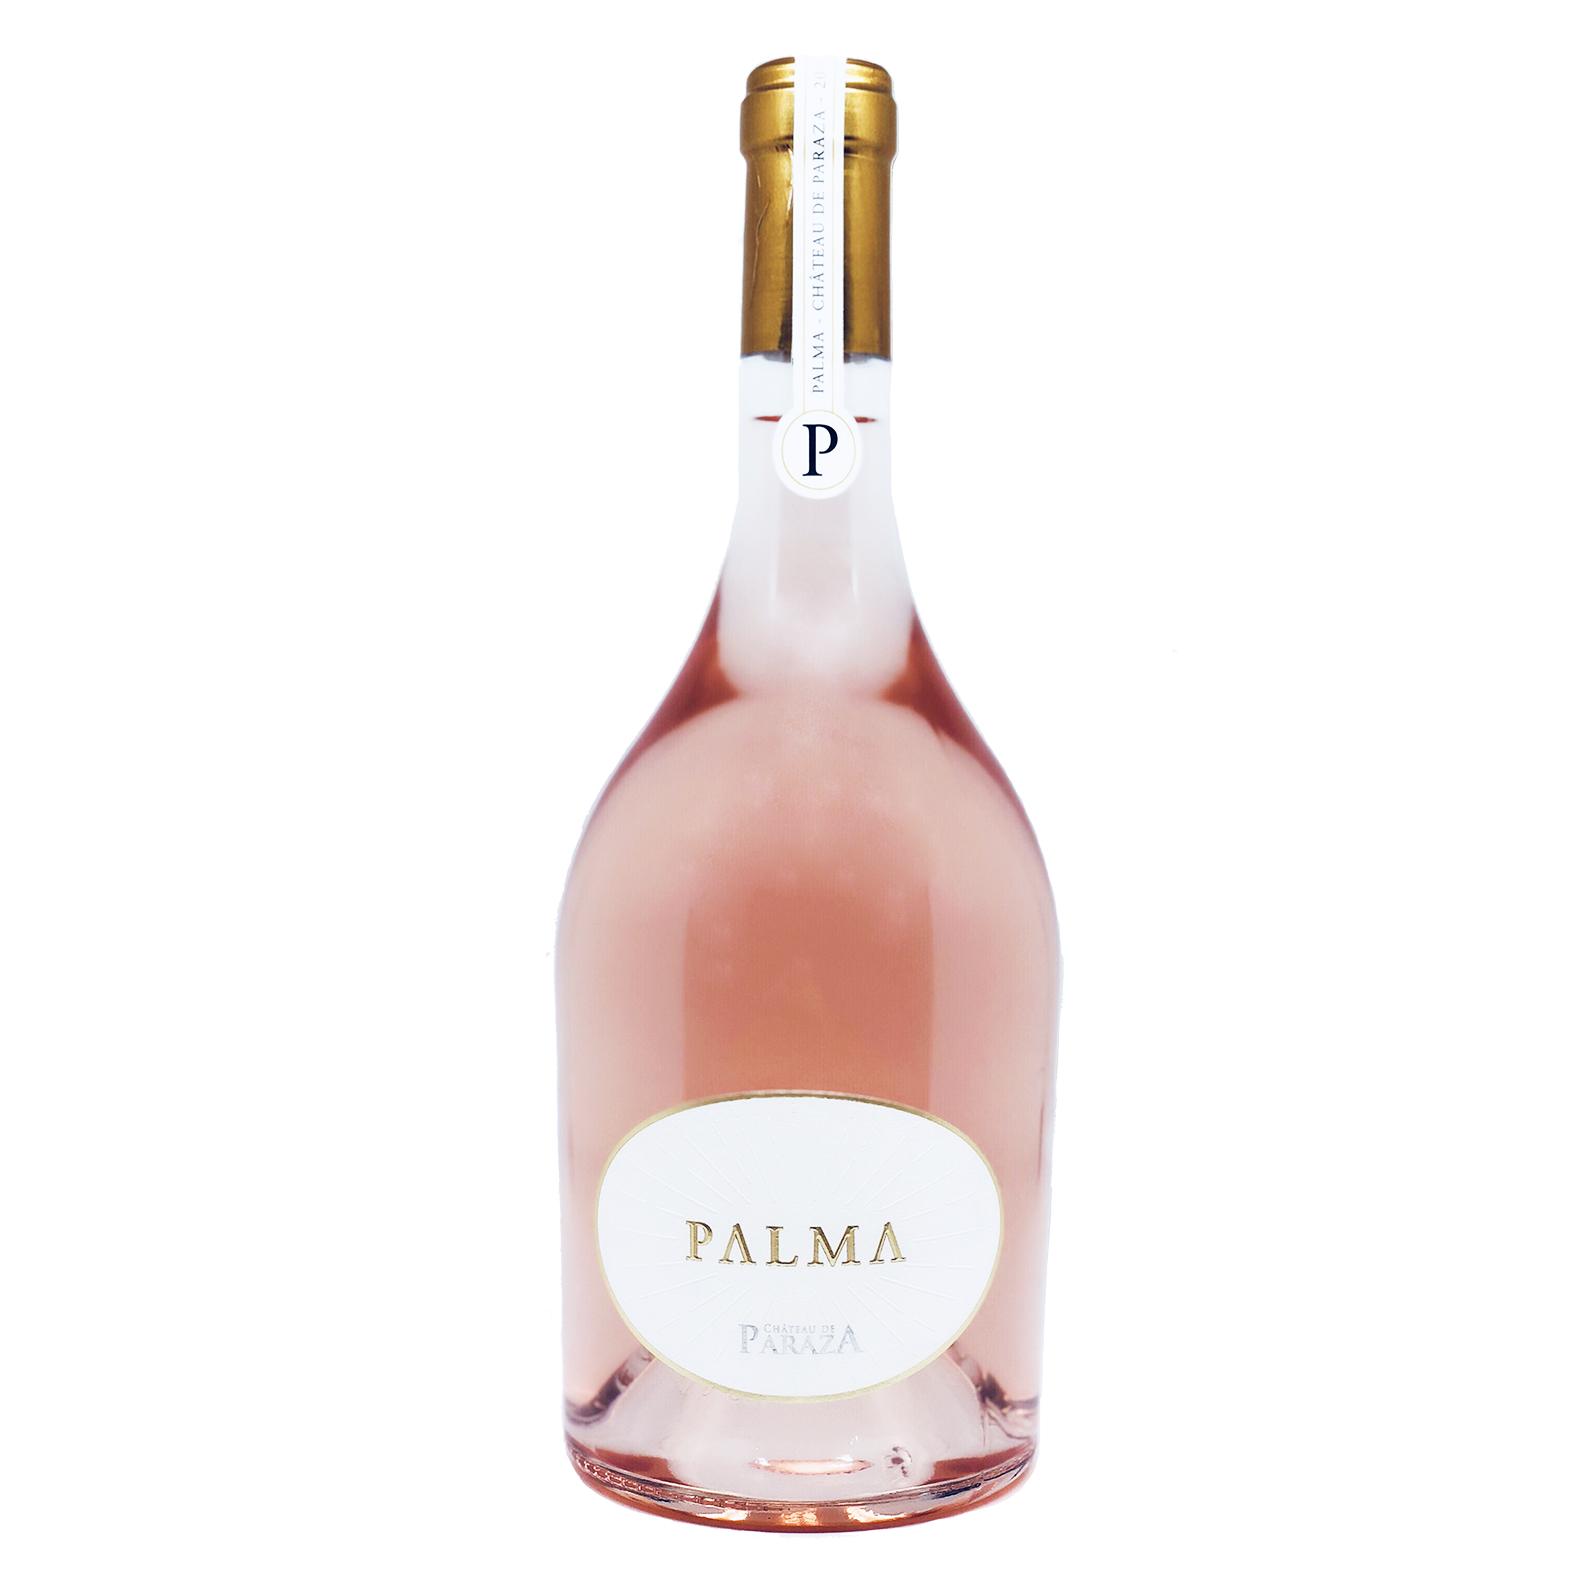 Bouteille de Palma Rosé vins du Minervois